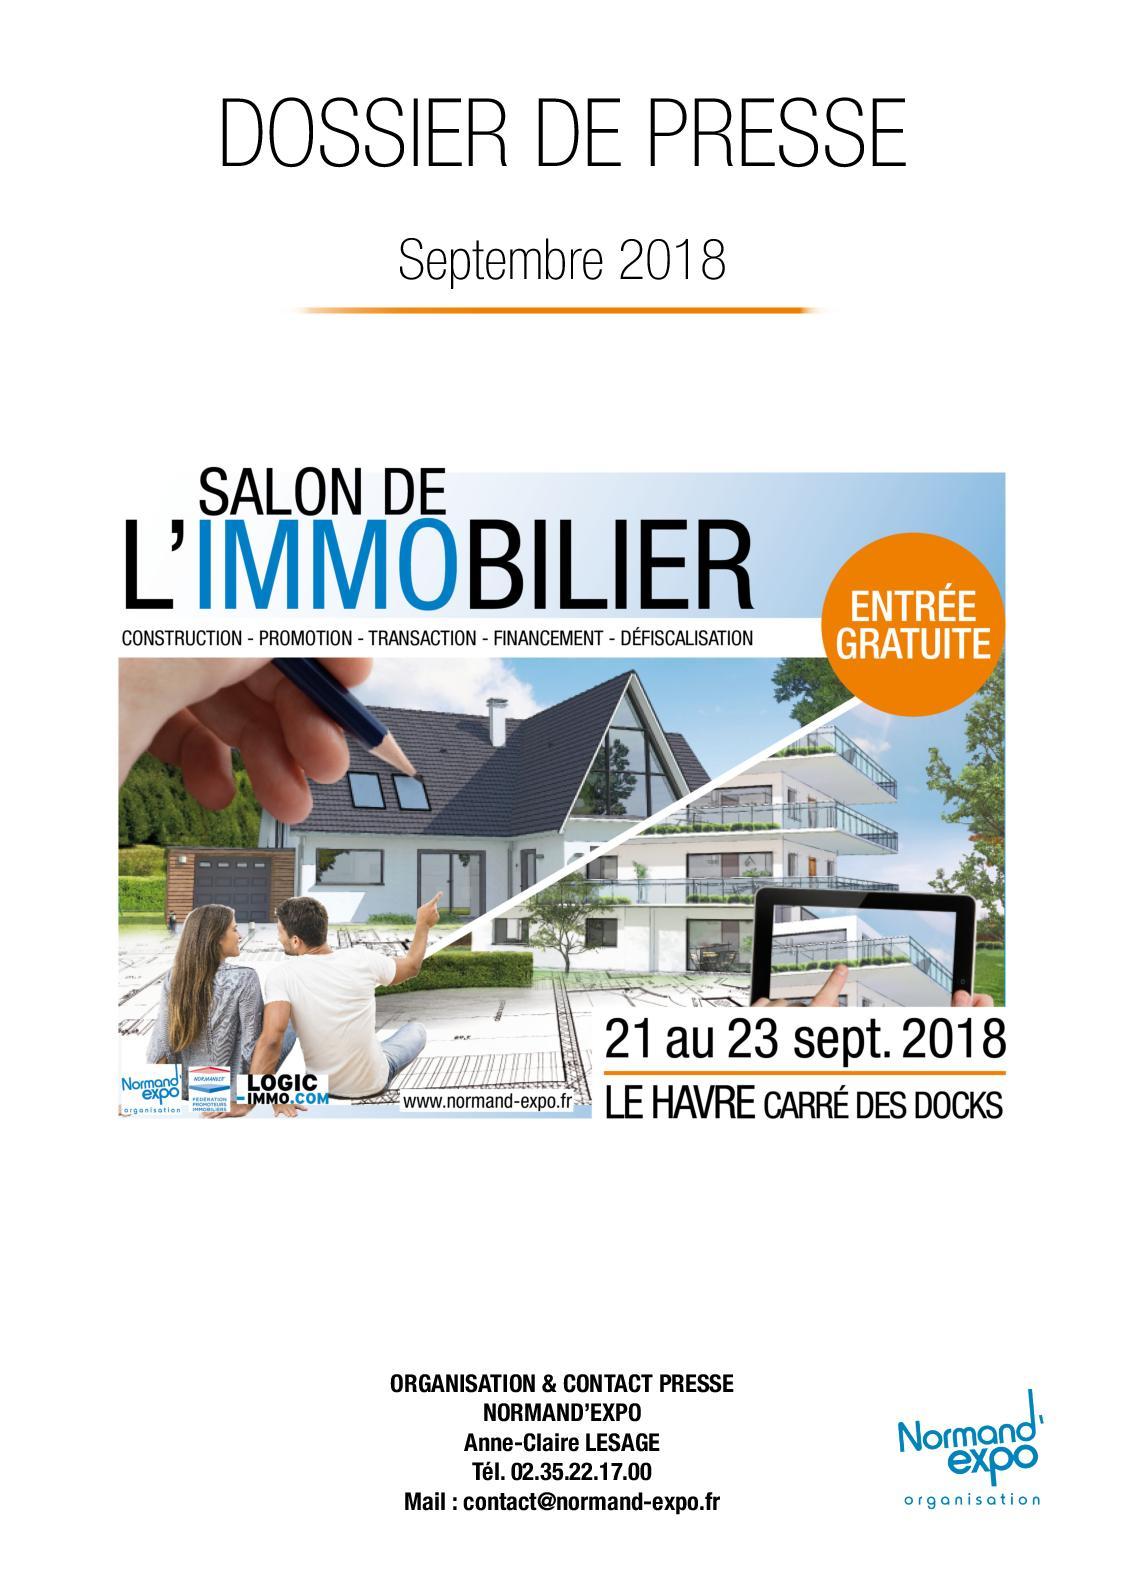 SALON DE L'IMMOBILIER DP